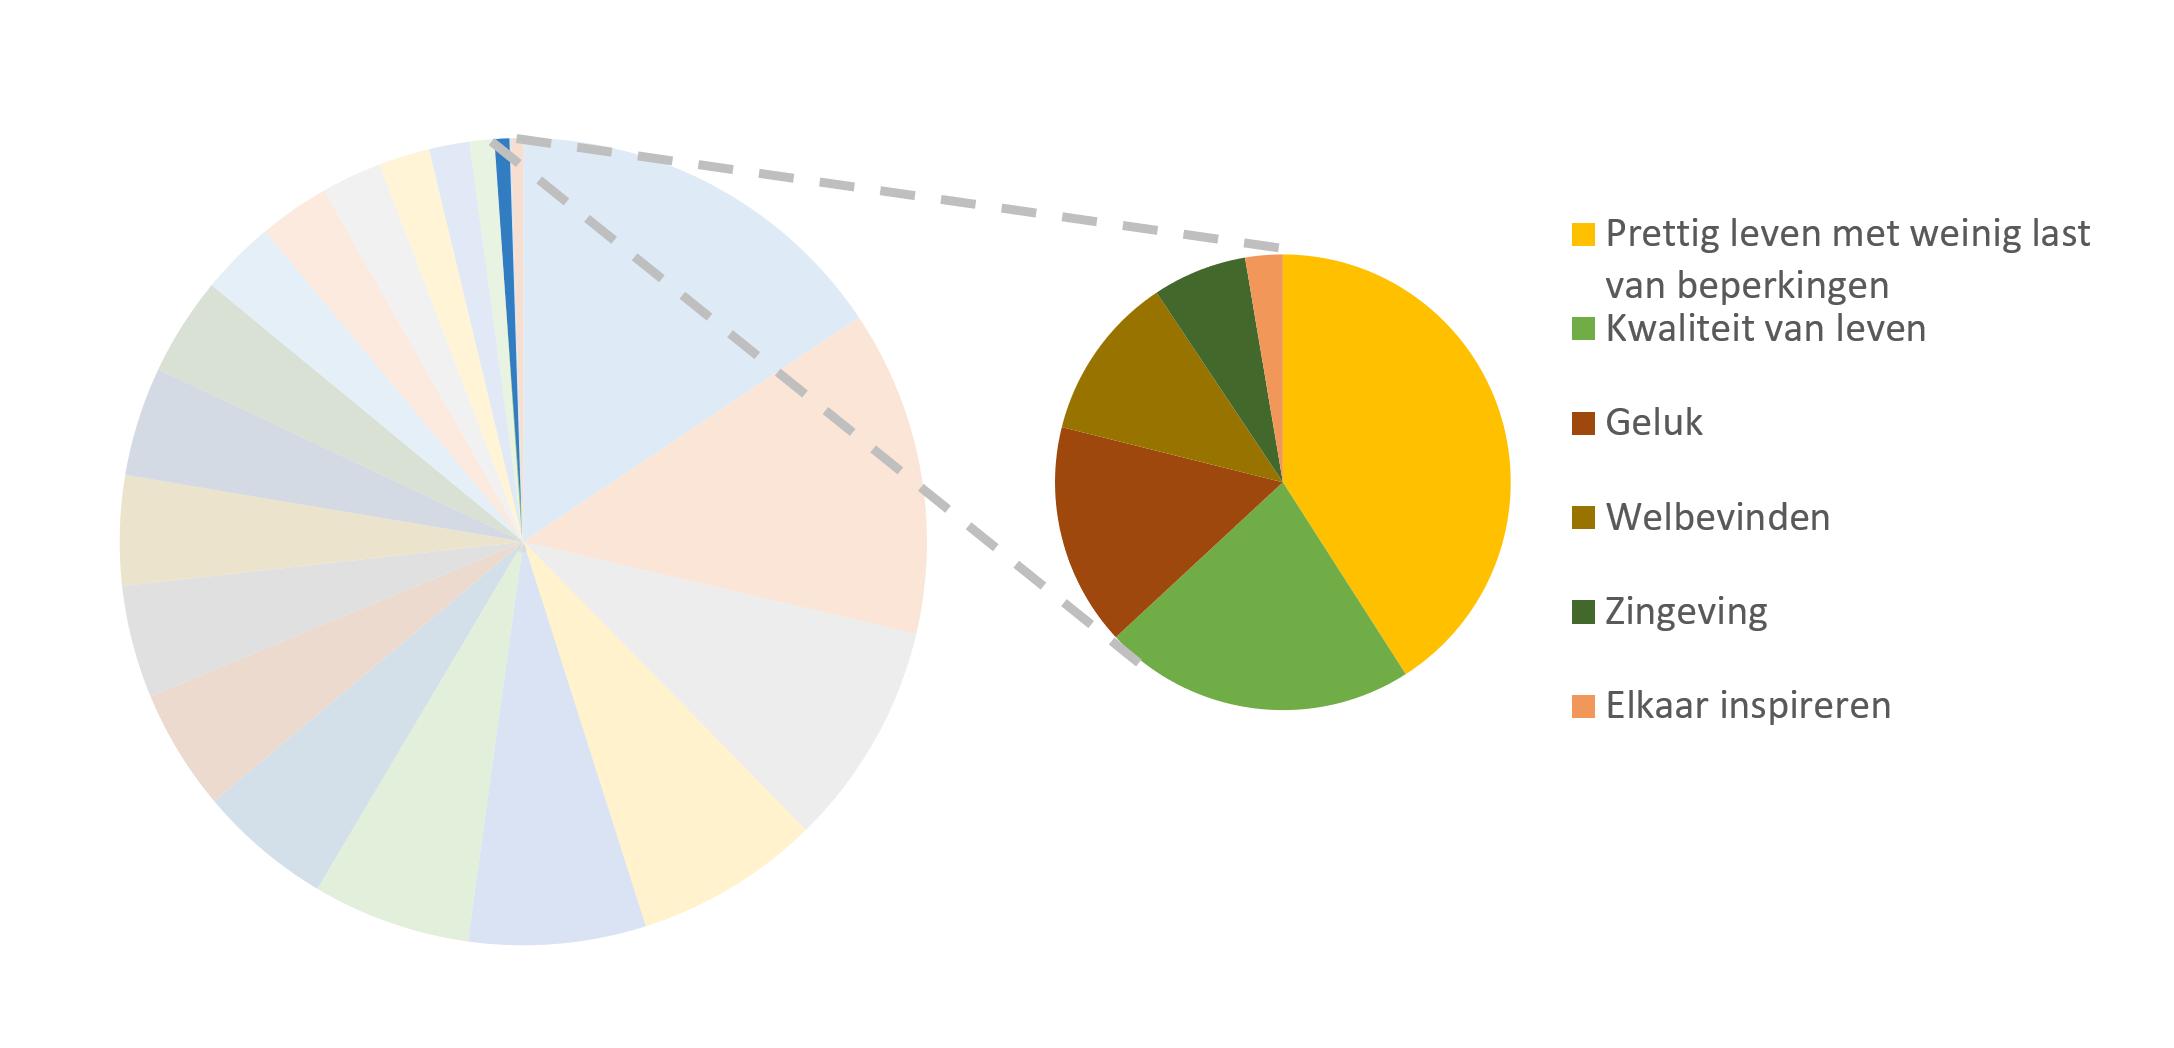 taartdiagram van de subthemas voor het thema Kwaliteit van Leven, Welbevinden en ZIngeving